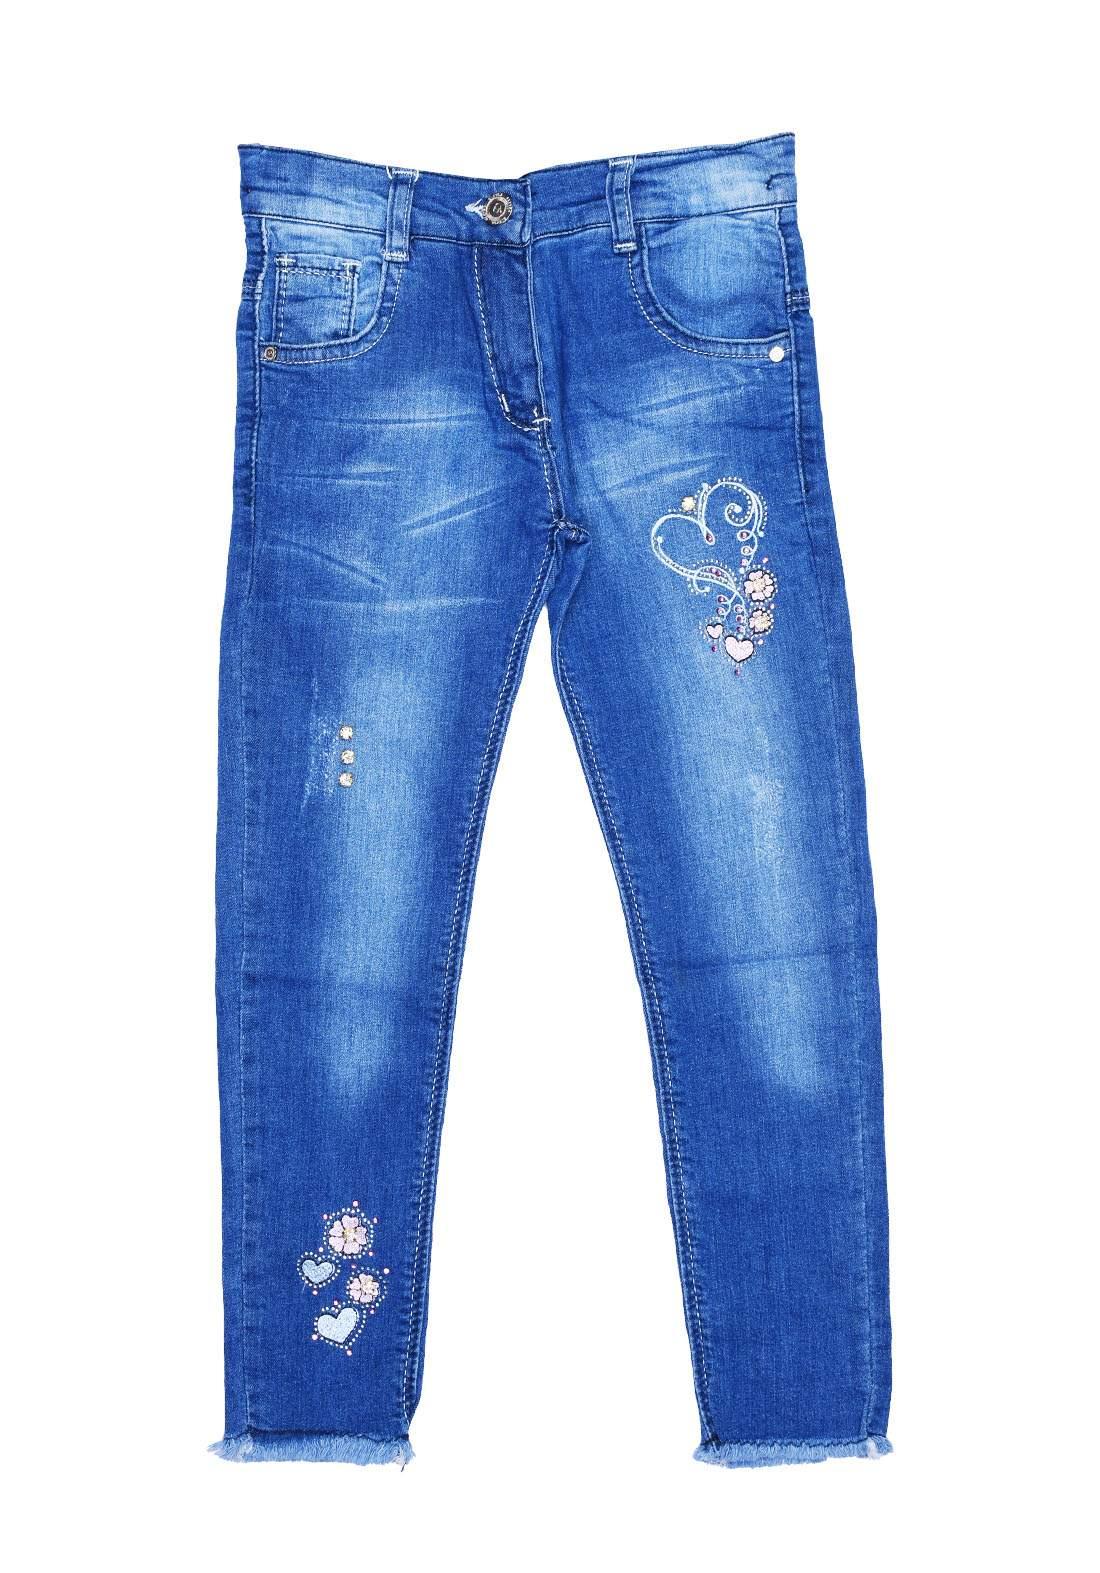 بنطلون بناتي جينز ازرق اللون من Astar